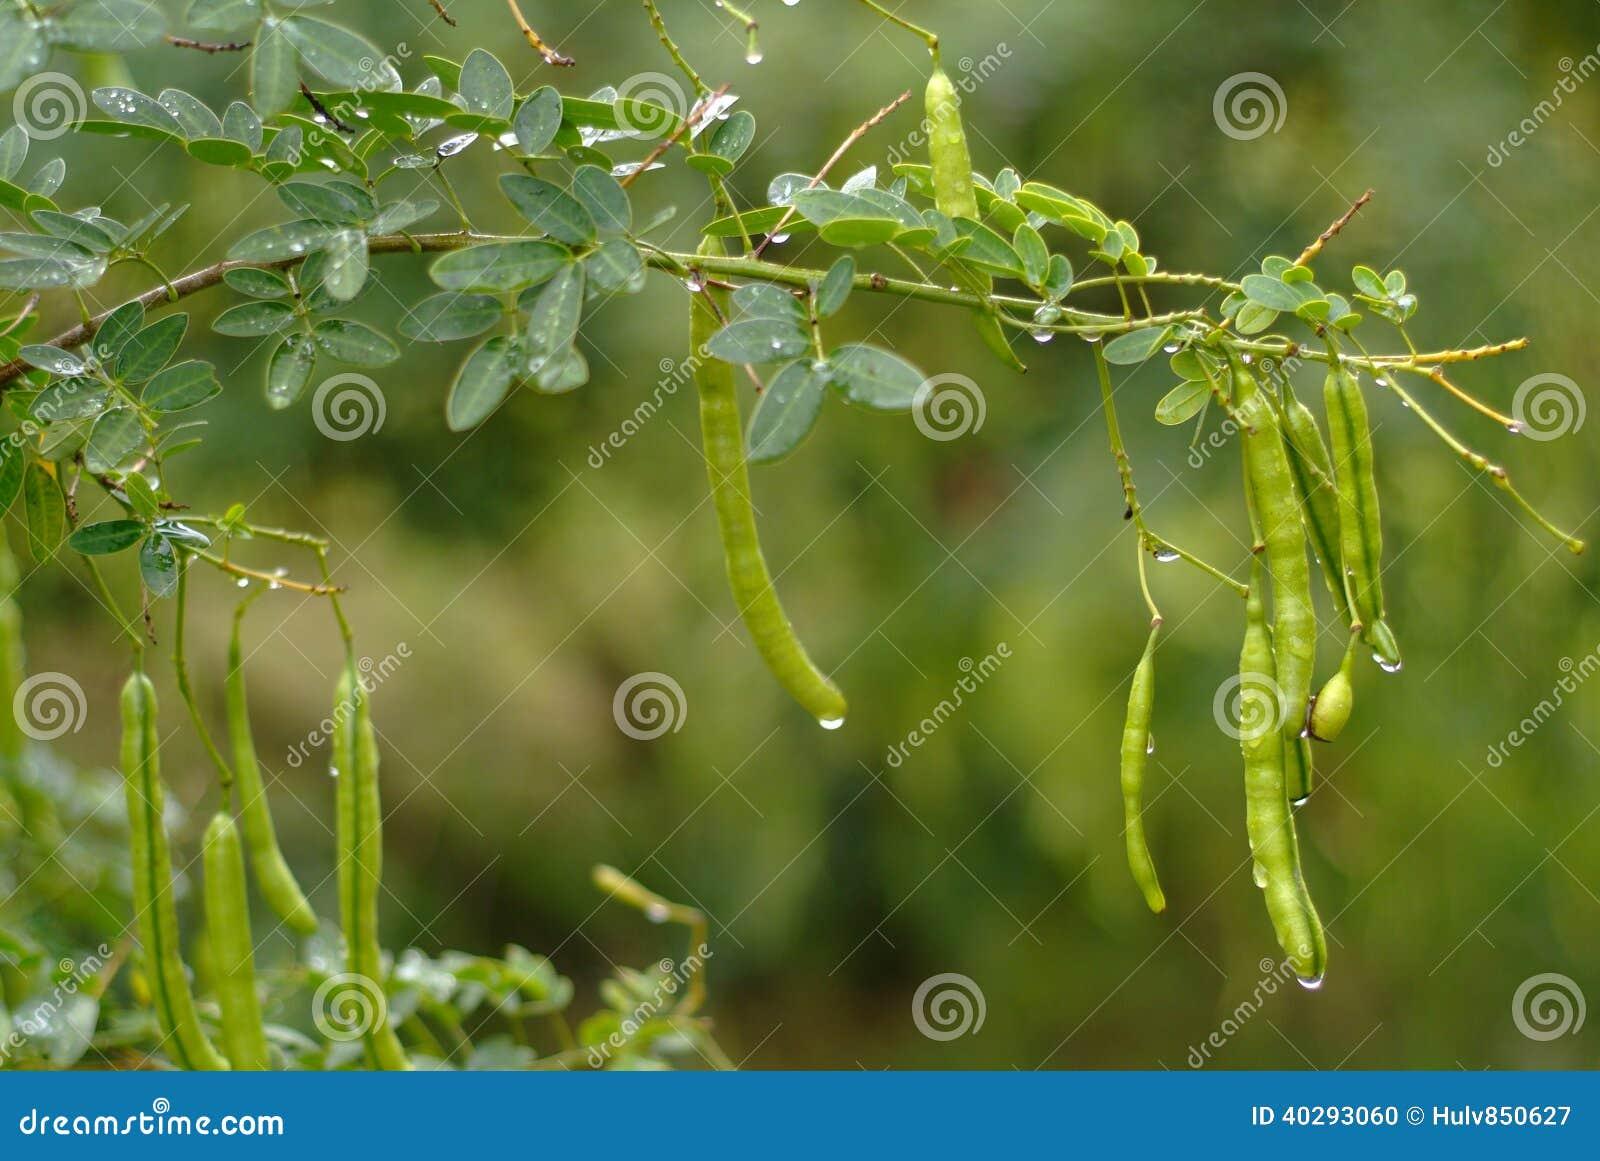 Семя дерева пагоды